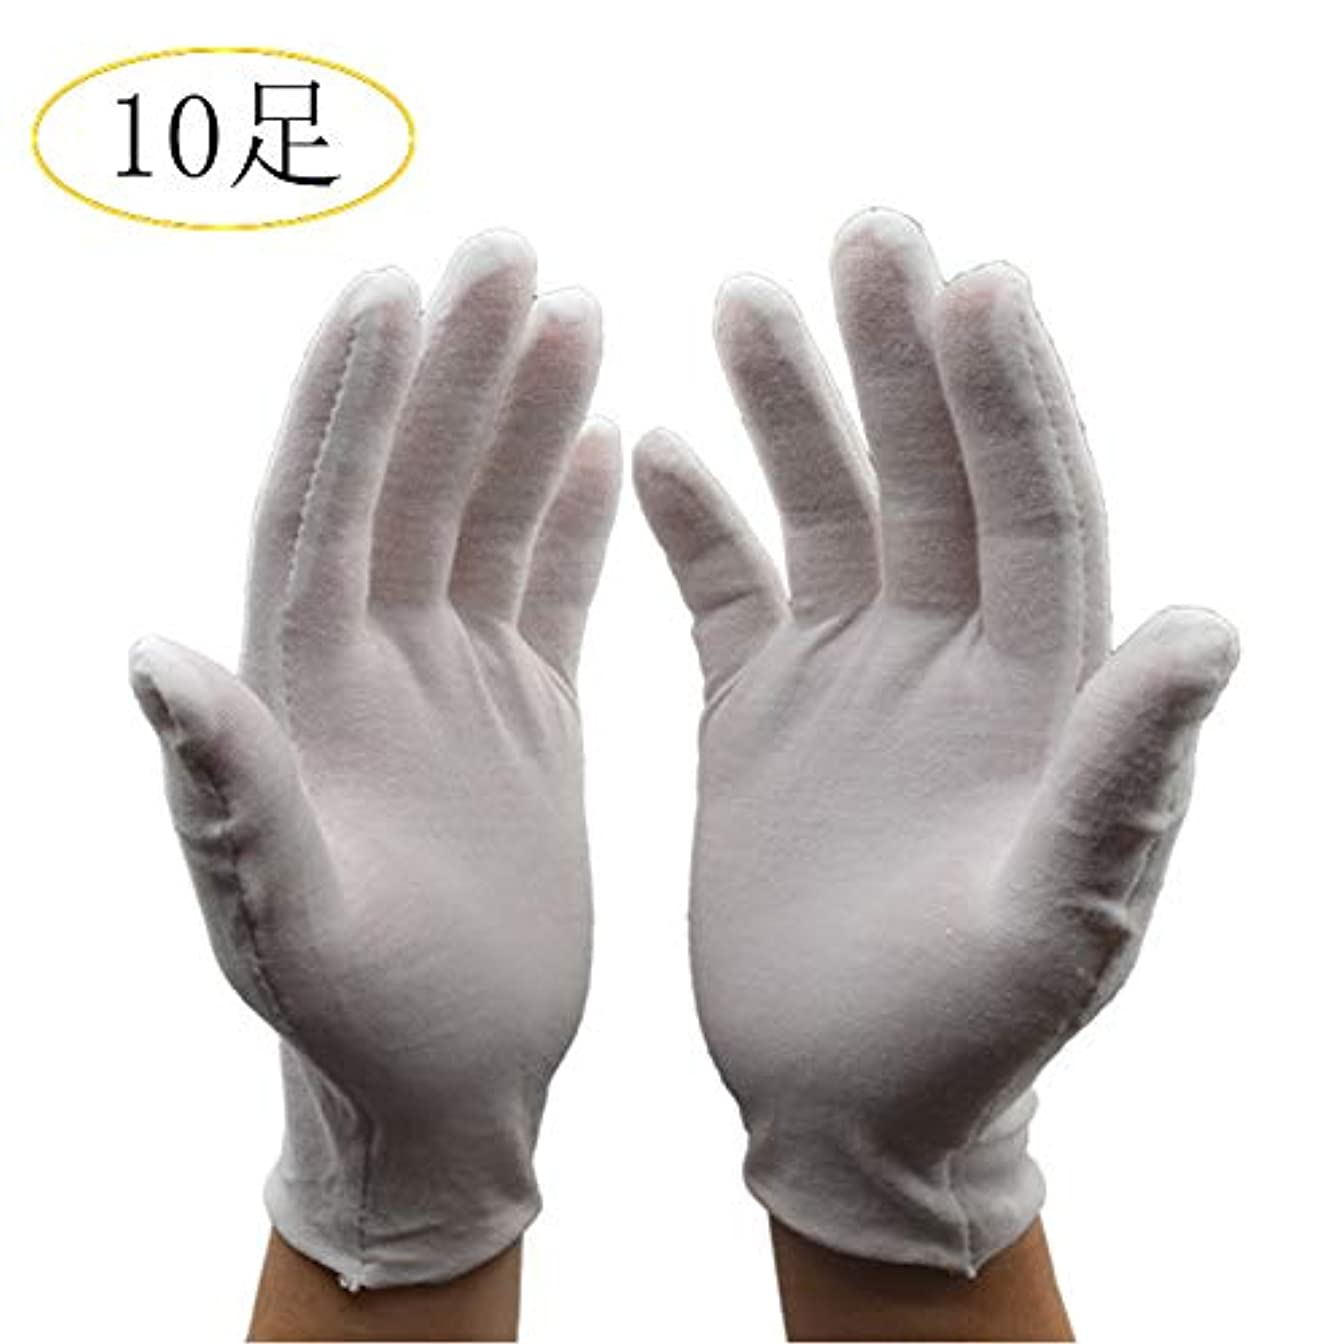 創傷オプショナル運動するZMiw コットン手袋 綿手袋 インナーコットン手袋 ガーデニング用手袋 20枚入り 手荒れ 手袋 Sサイズ 湿疹用 乾燥肌用 保湿用 家事用 礼装用